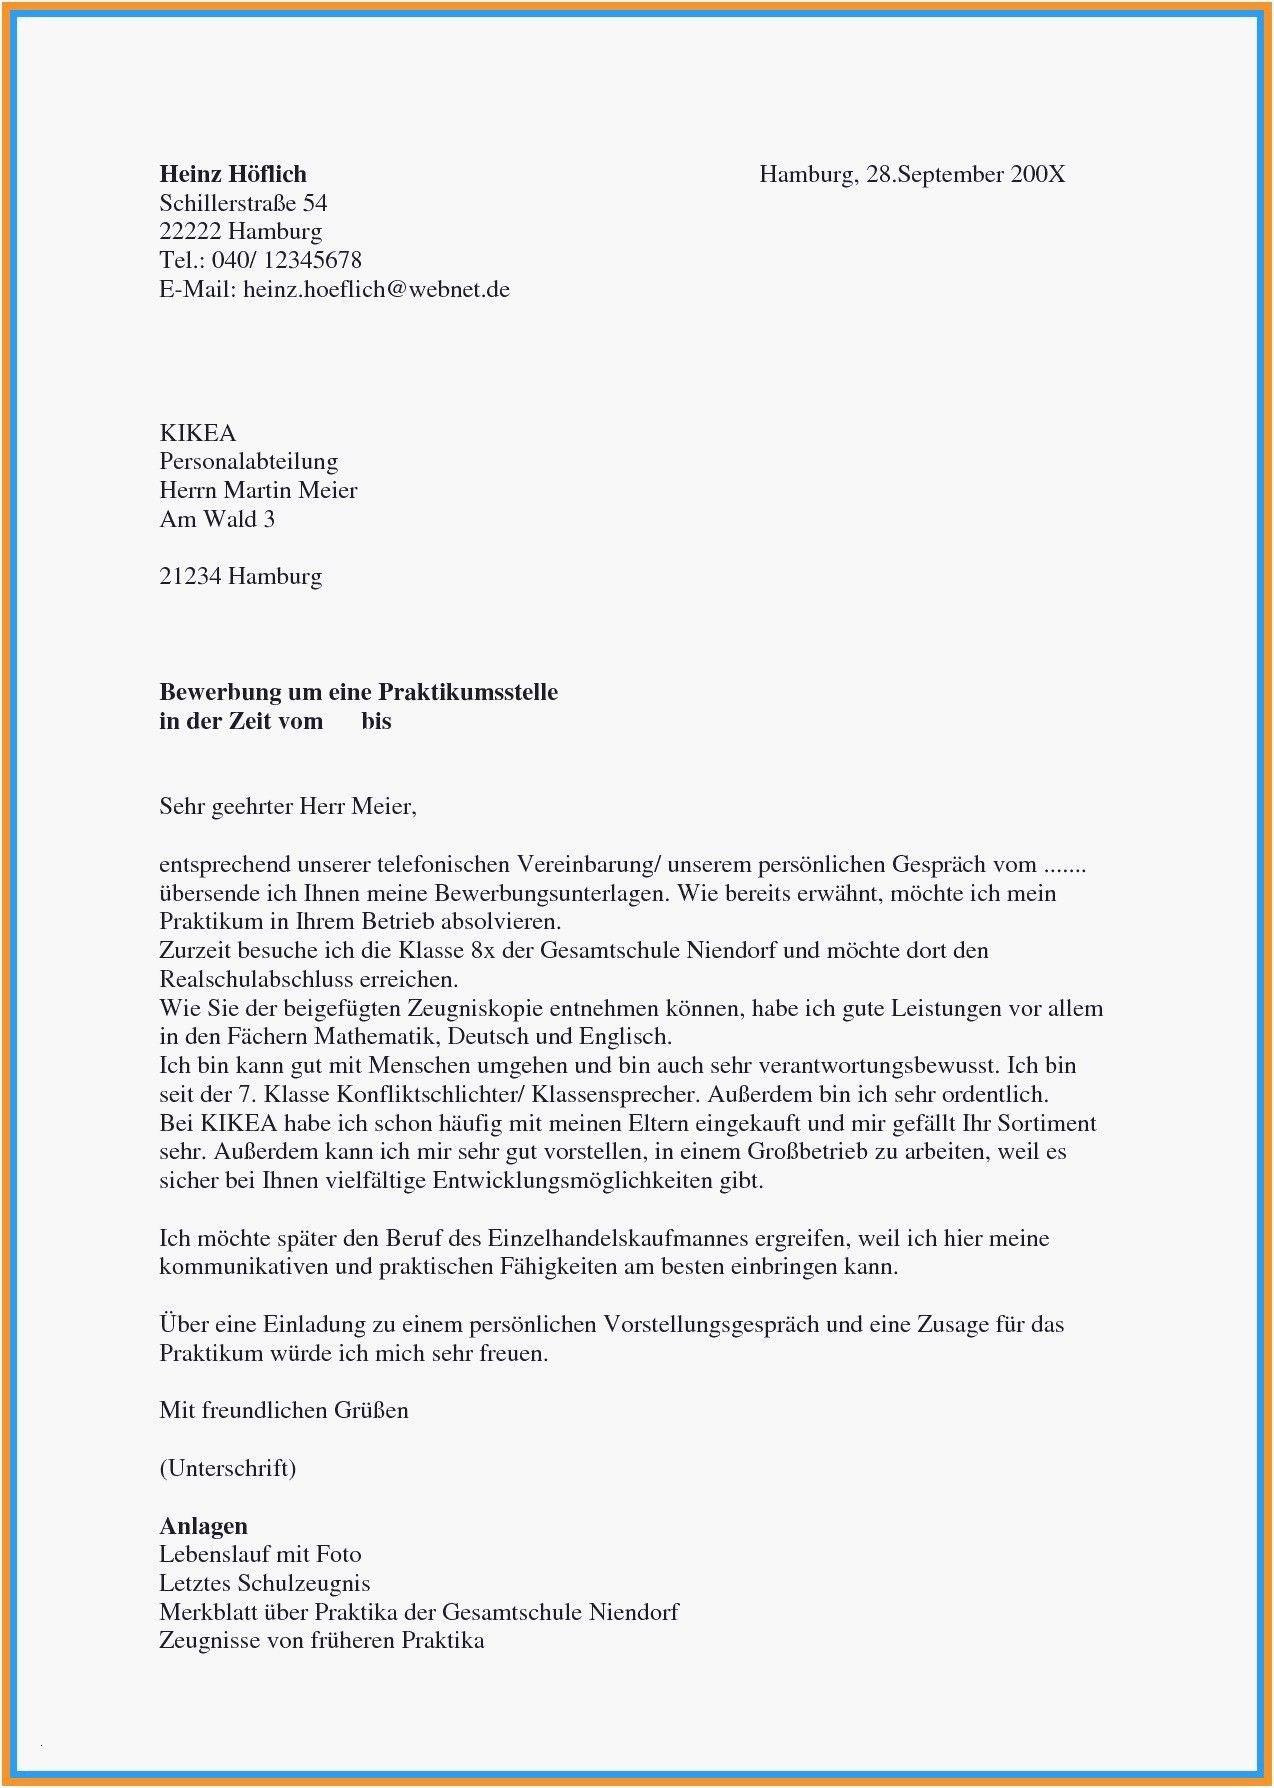 Frisch Lebenslauf Informatiker Muster Briefprobe Briefformat Briefvorlage Lebenslauf Bewerbung Lebenslauf Bewerbung Schreiben